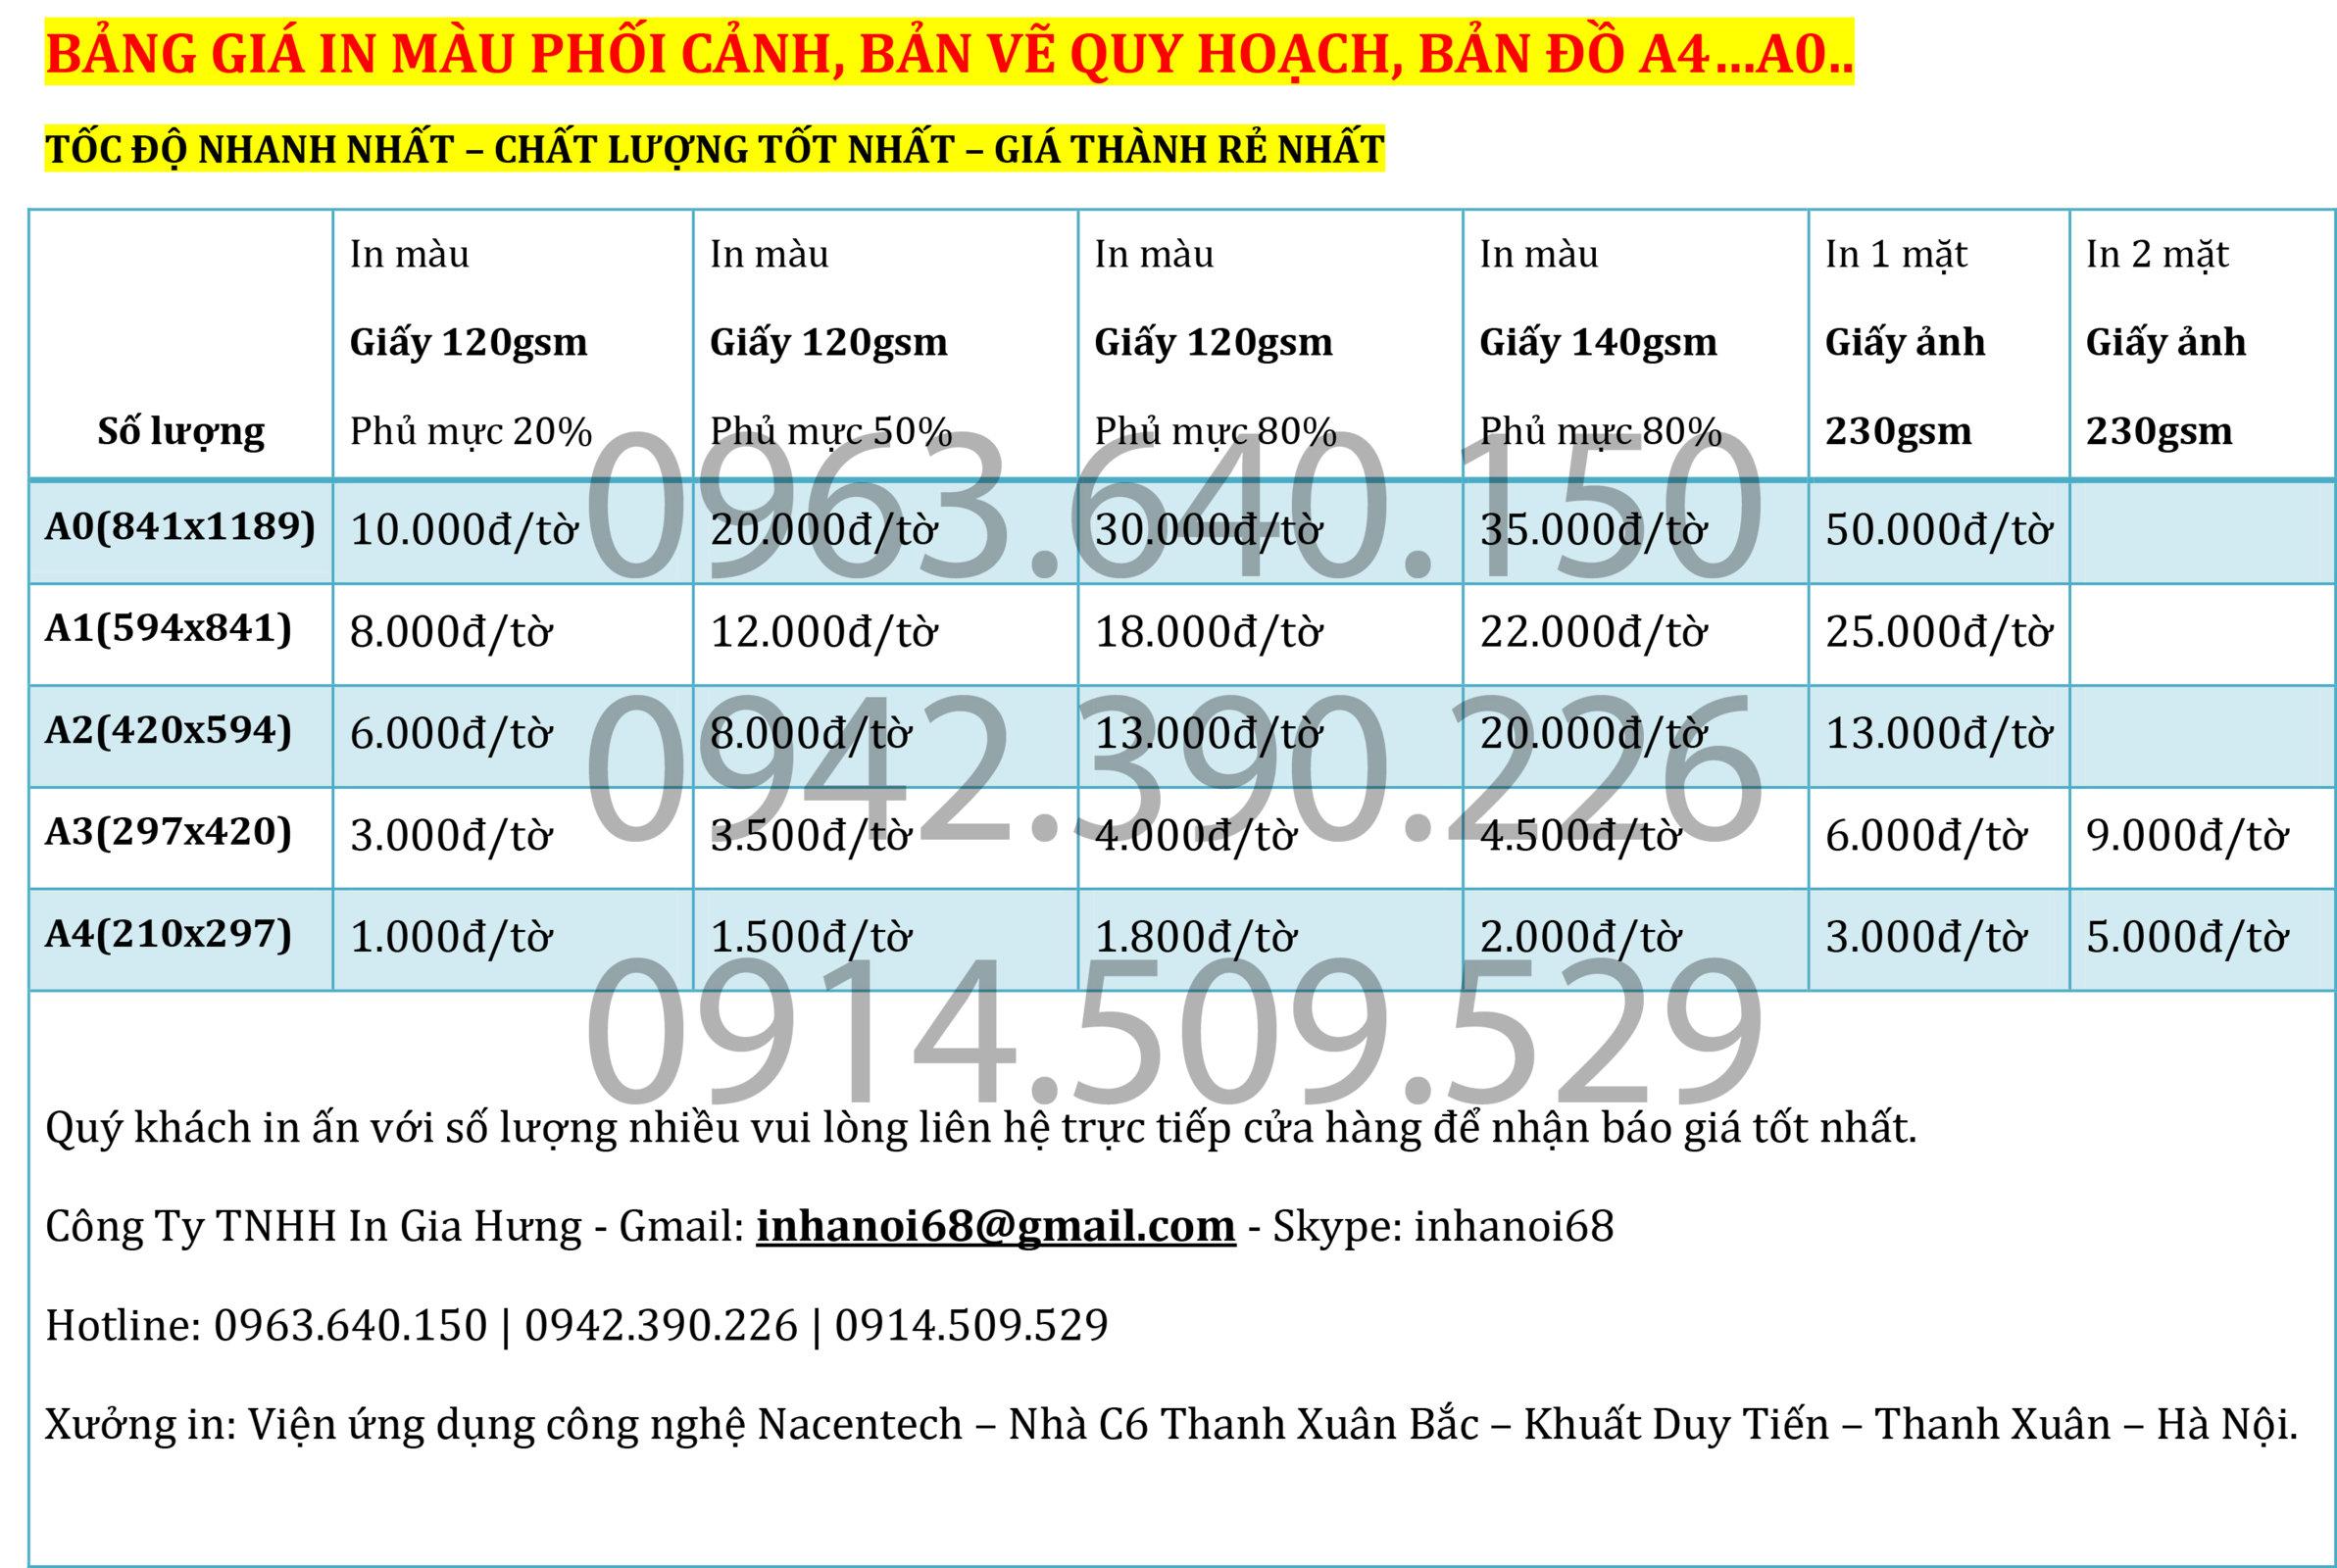 11. Photo giá rẻ nhất tại Hà Nội. Photo tài liệu giá rẻ nhất tại Hà Nội.